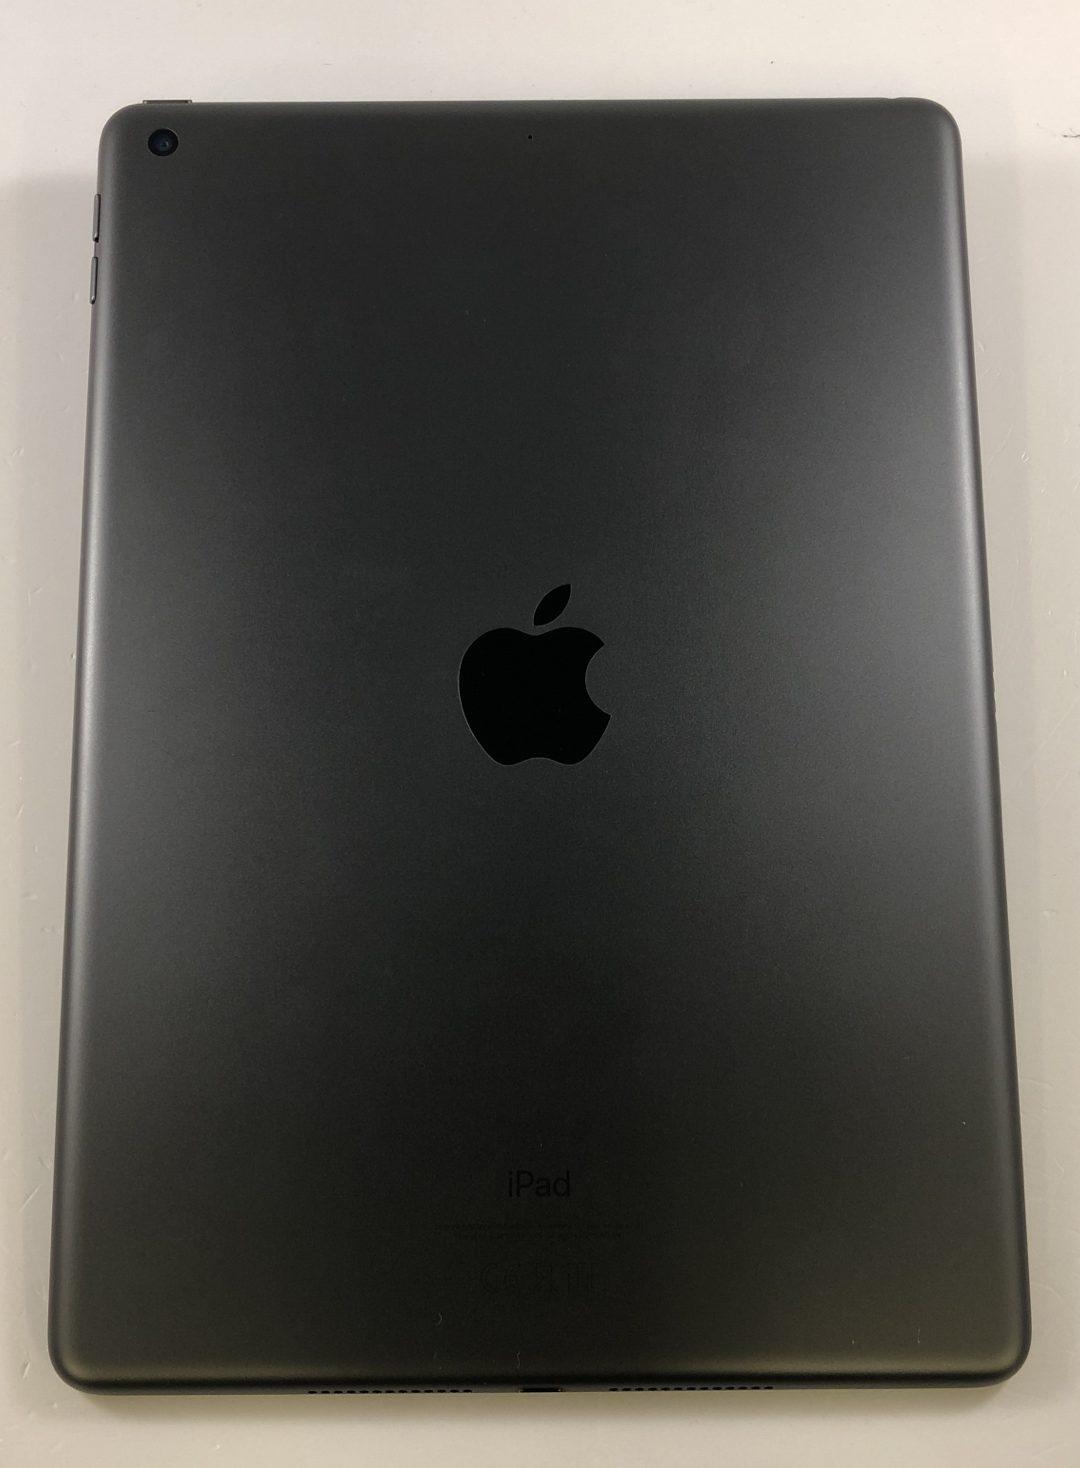 iPad 7 Wi-Fi 32GB, 32GB, Space Gray, image 2